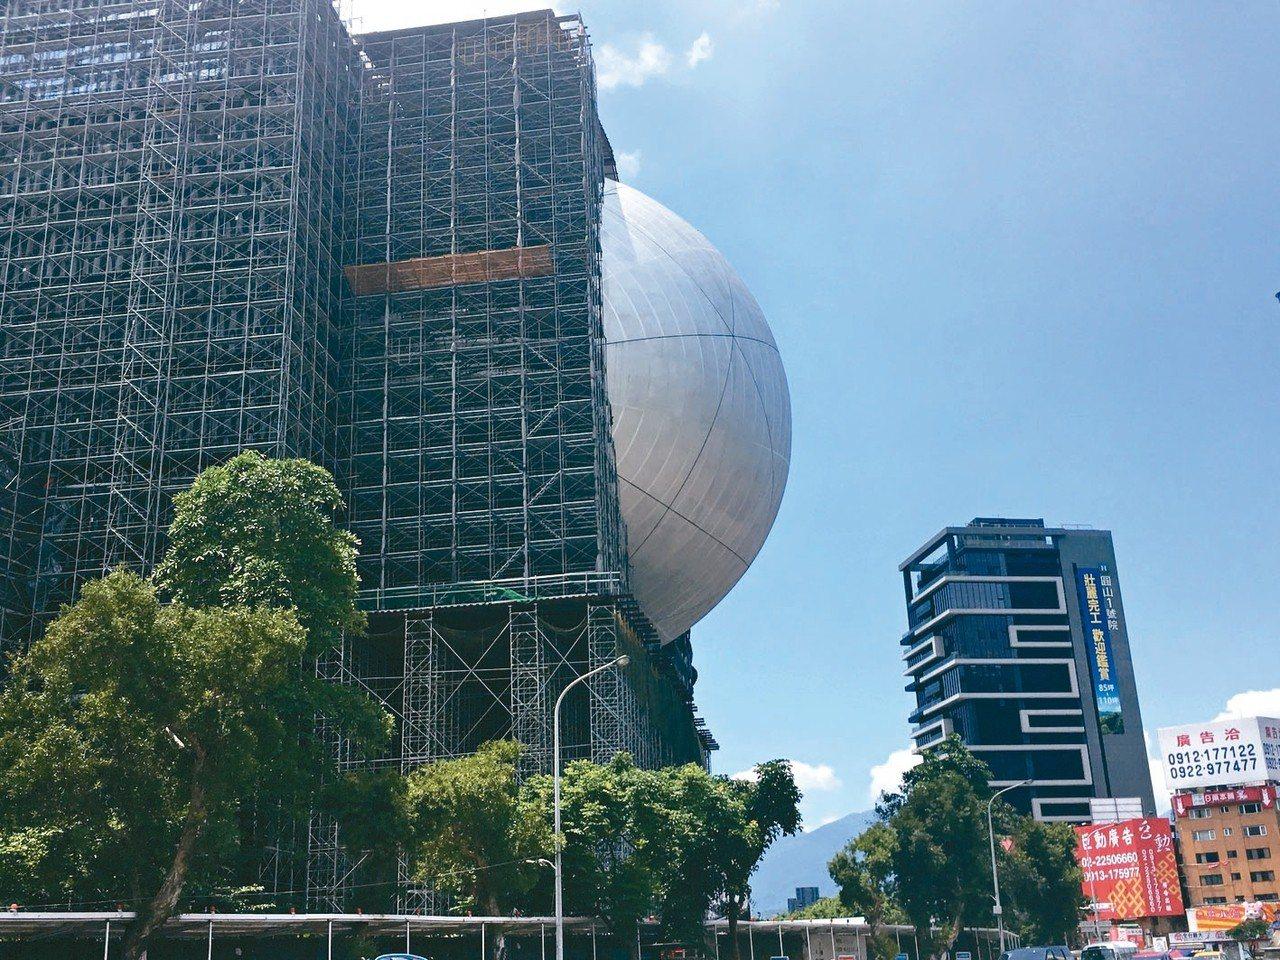 台北表演藝術中心球形劇場突出方殼,外界笑說有如大白眼。 記者何定照/攝影